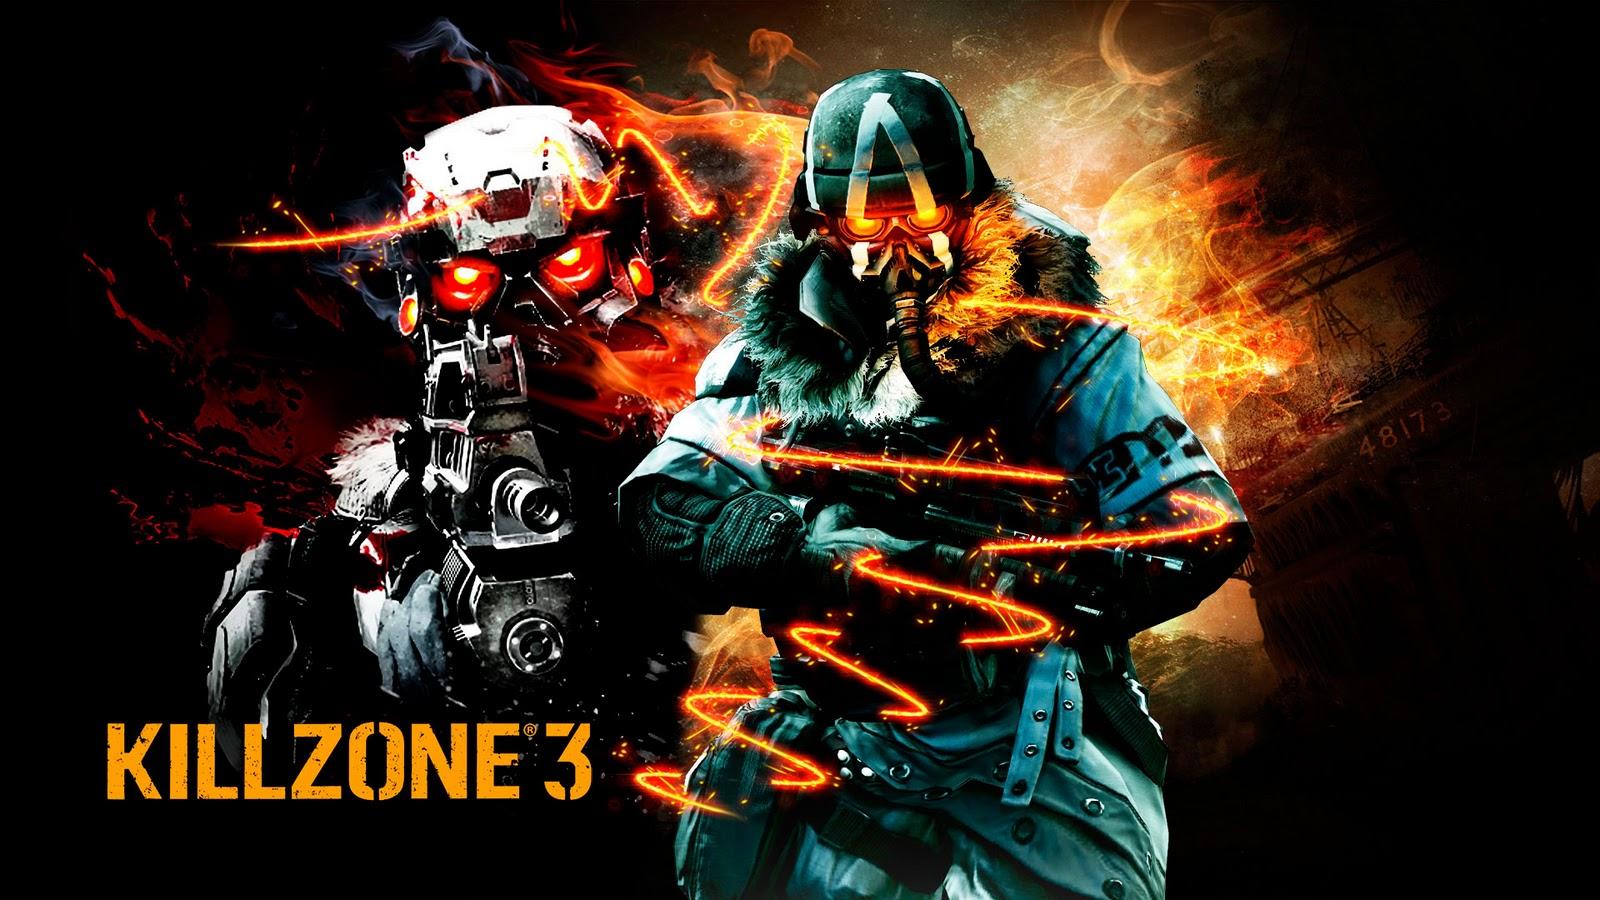 killzone A4